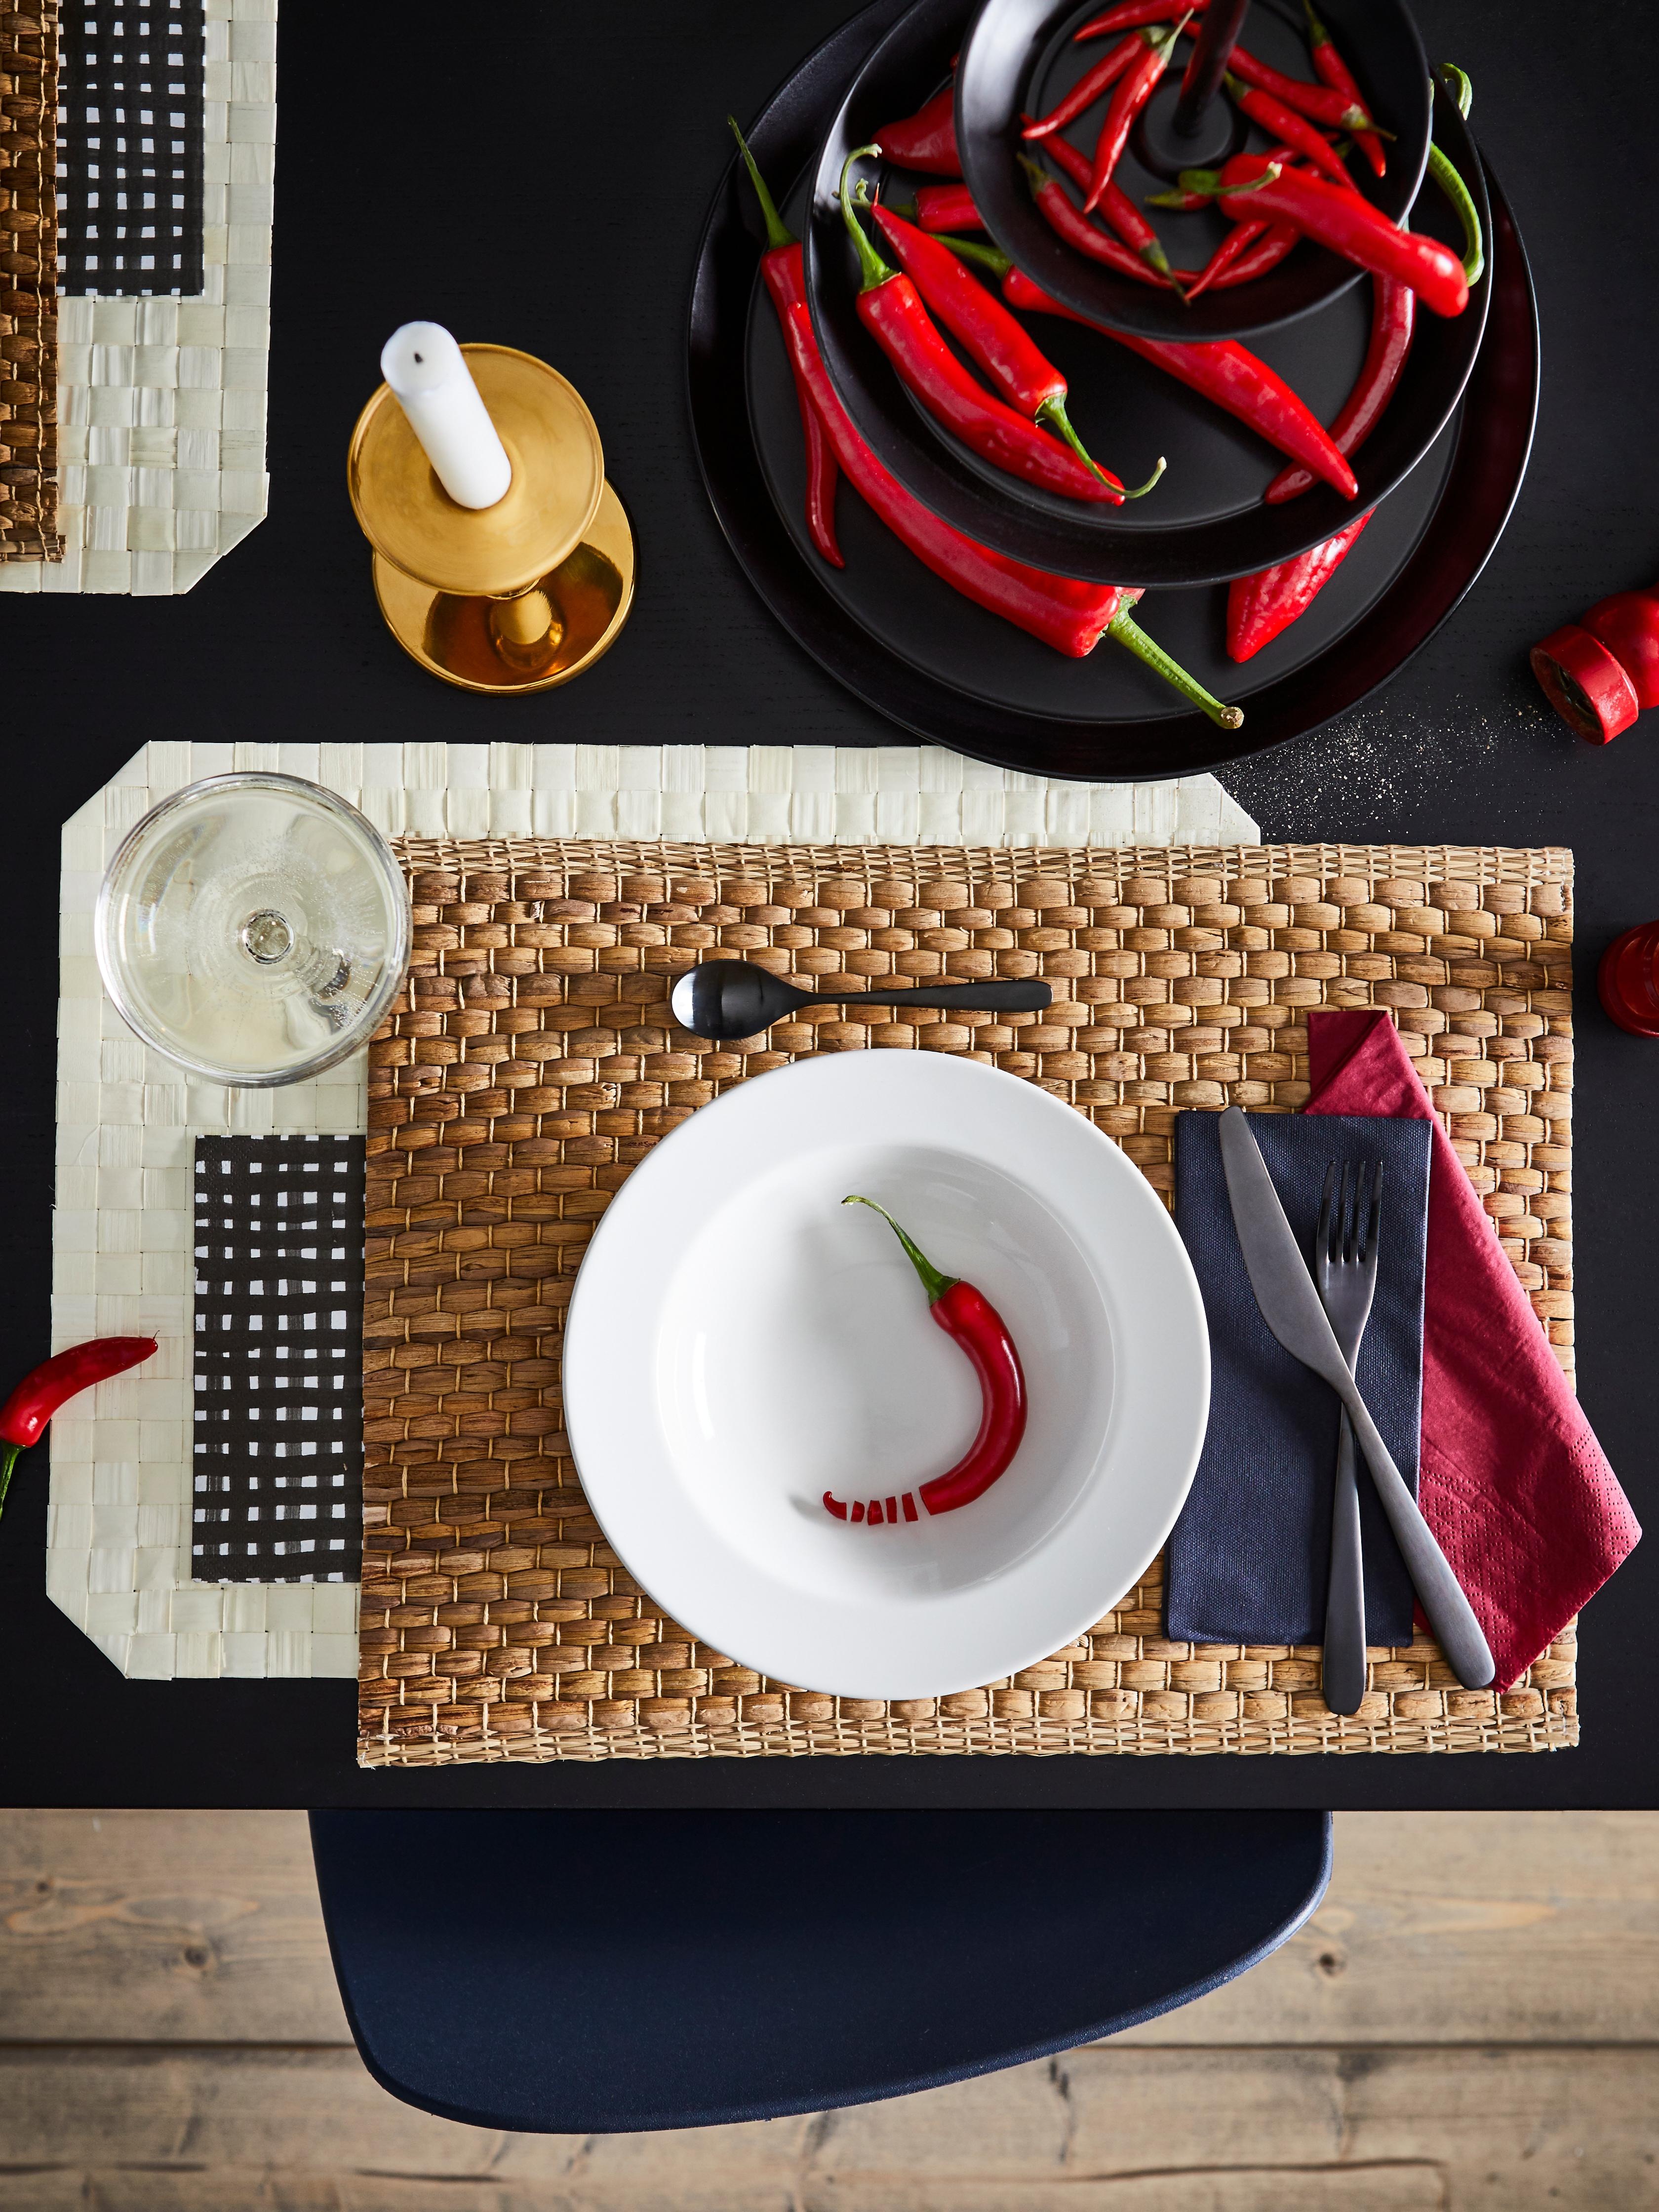 Stoni podmetač s VARDAGEN dubokim tanjirom prljavobele boje. U tanjiru je crvena čili papričica, a na stolu su čili papričice i stono posuđe.